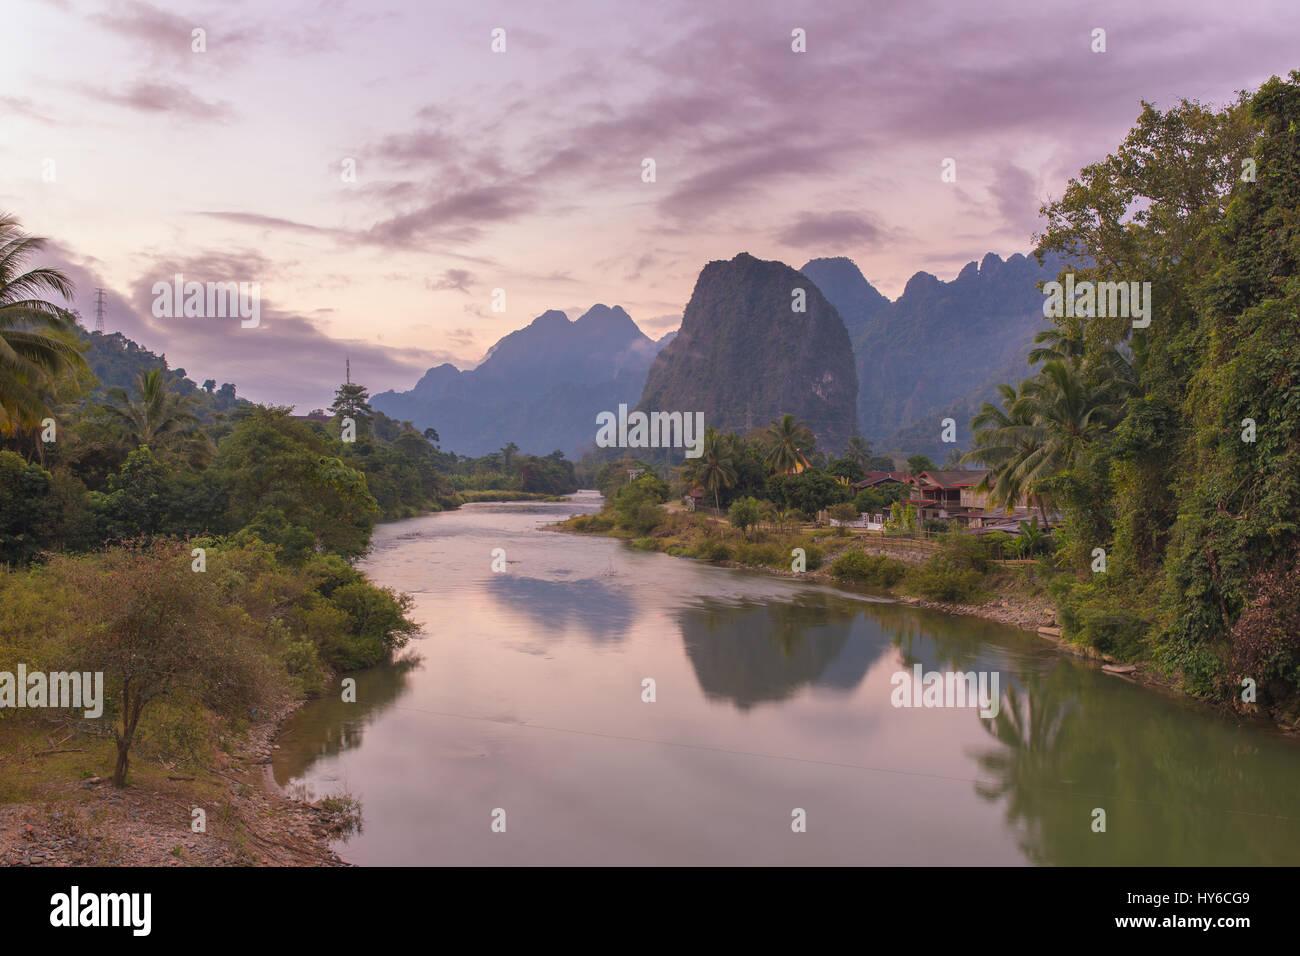 Hermoso amanecer sobre el río Nam Song, cerca de la aldea de Vang Vieng, en Laos Imagen De Stock